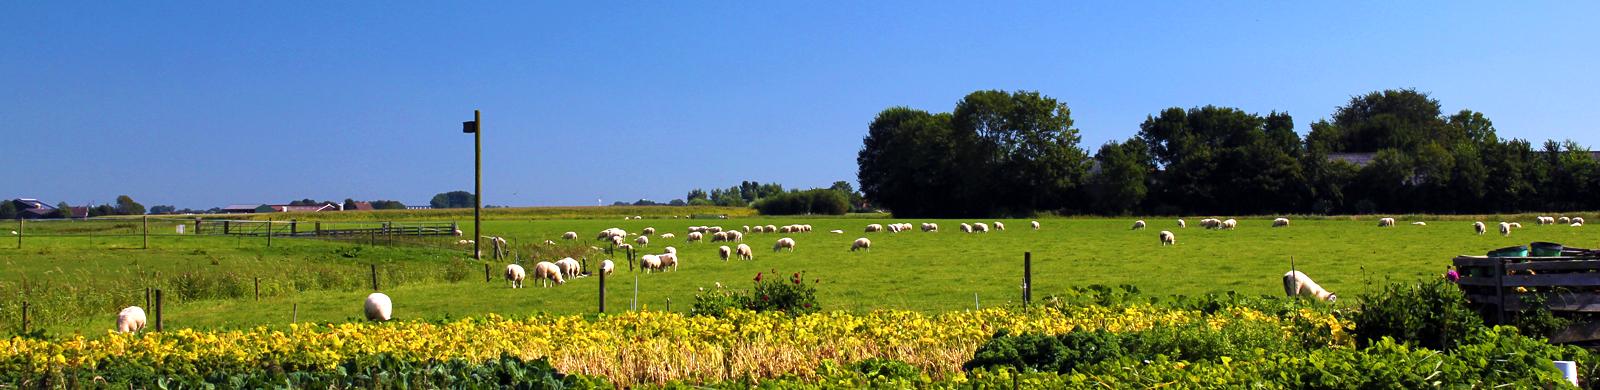 1600x390-schapen-hallum